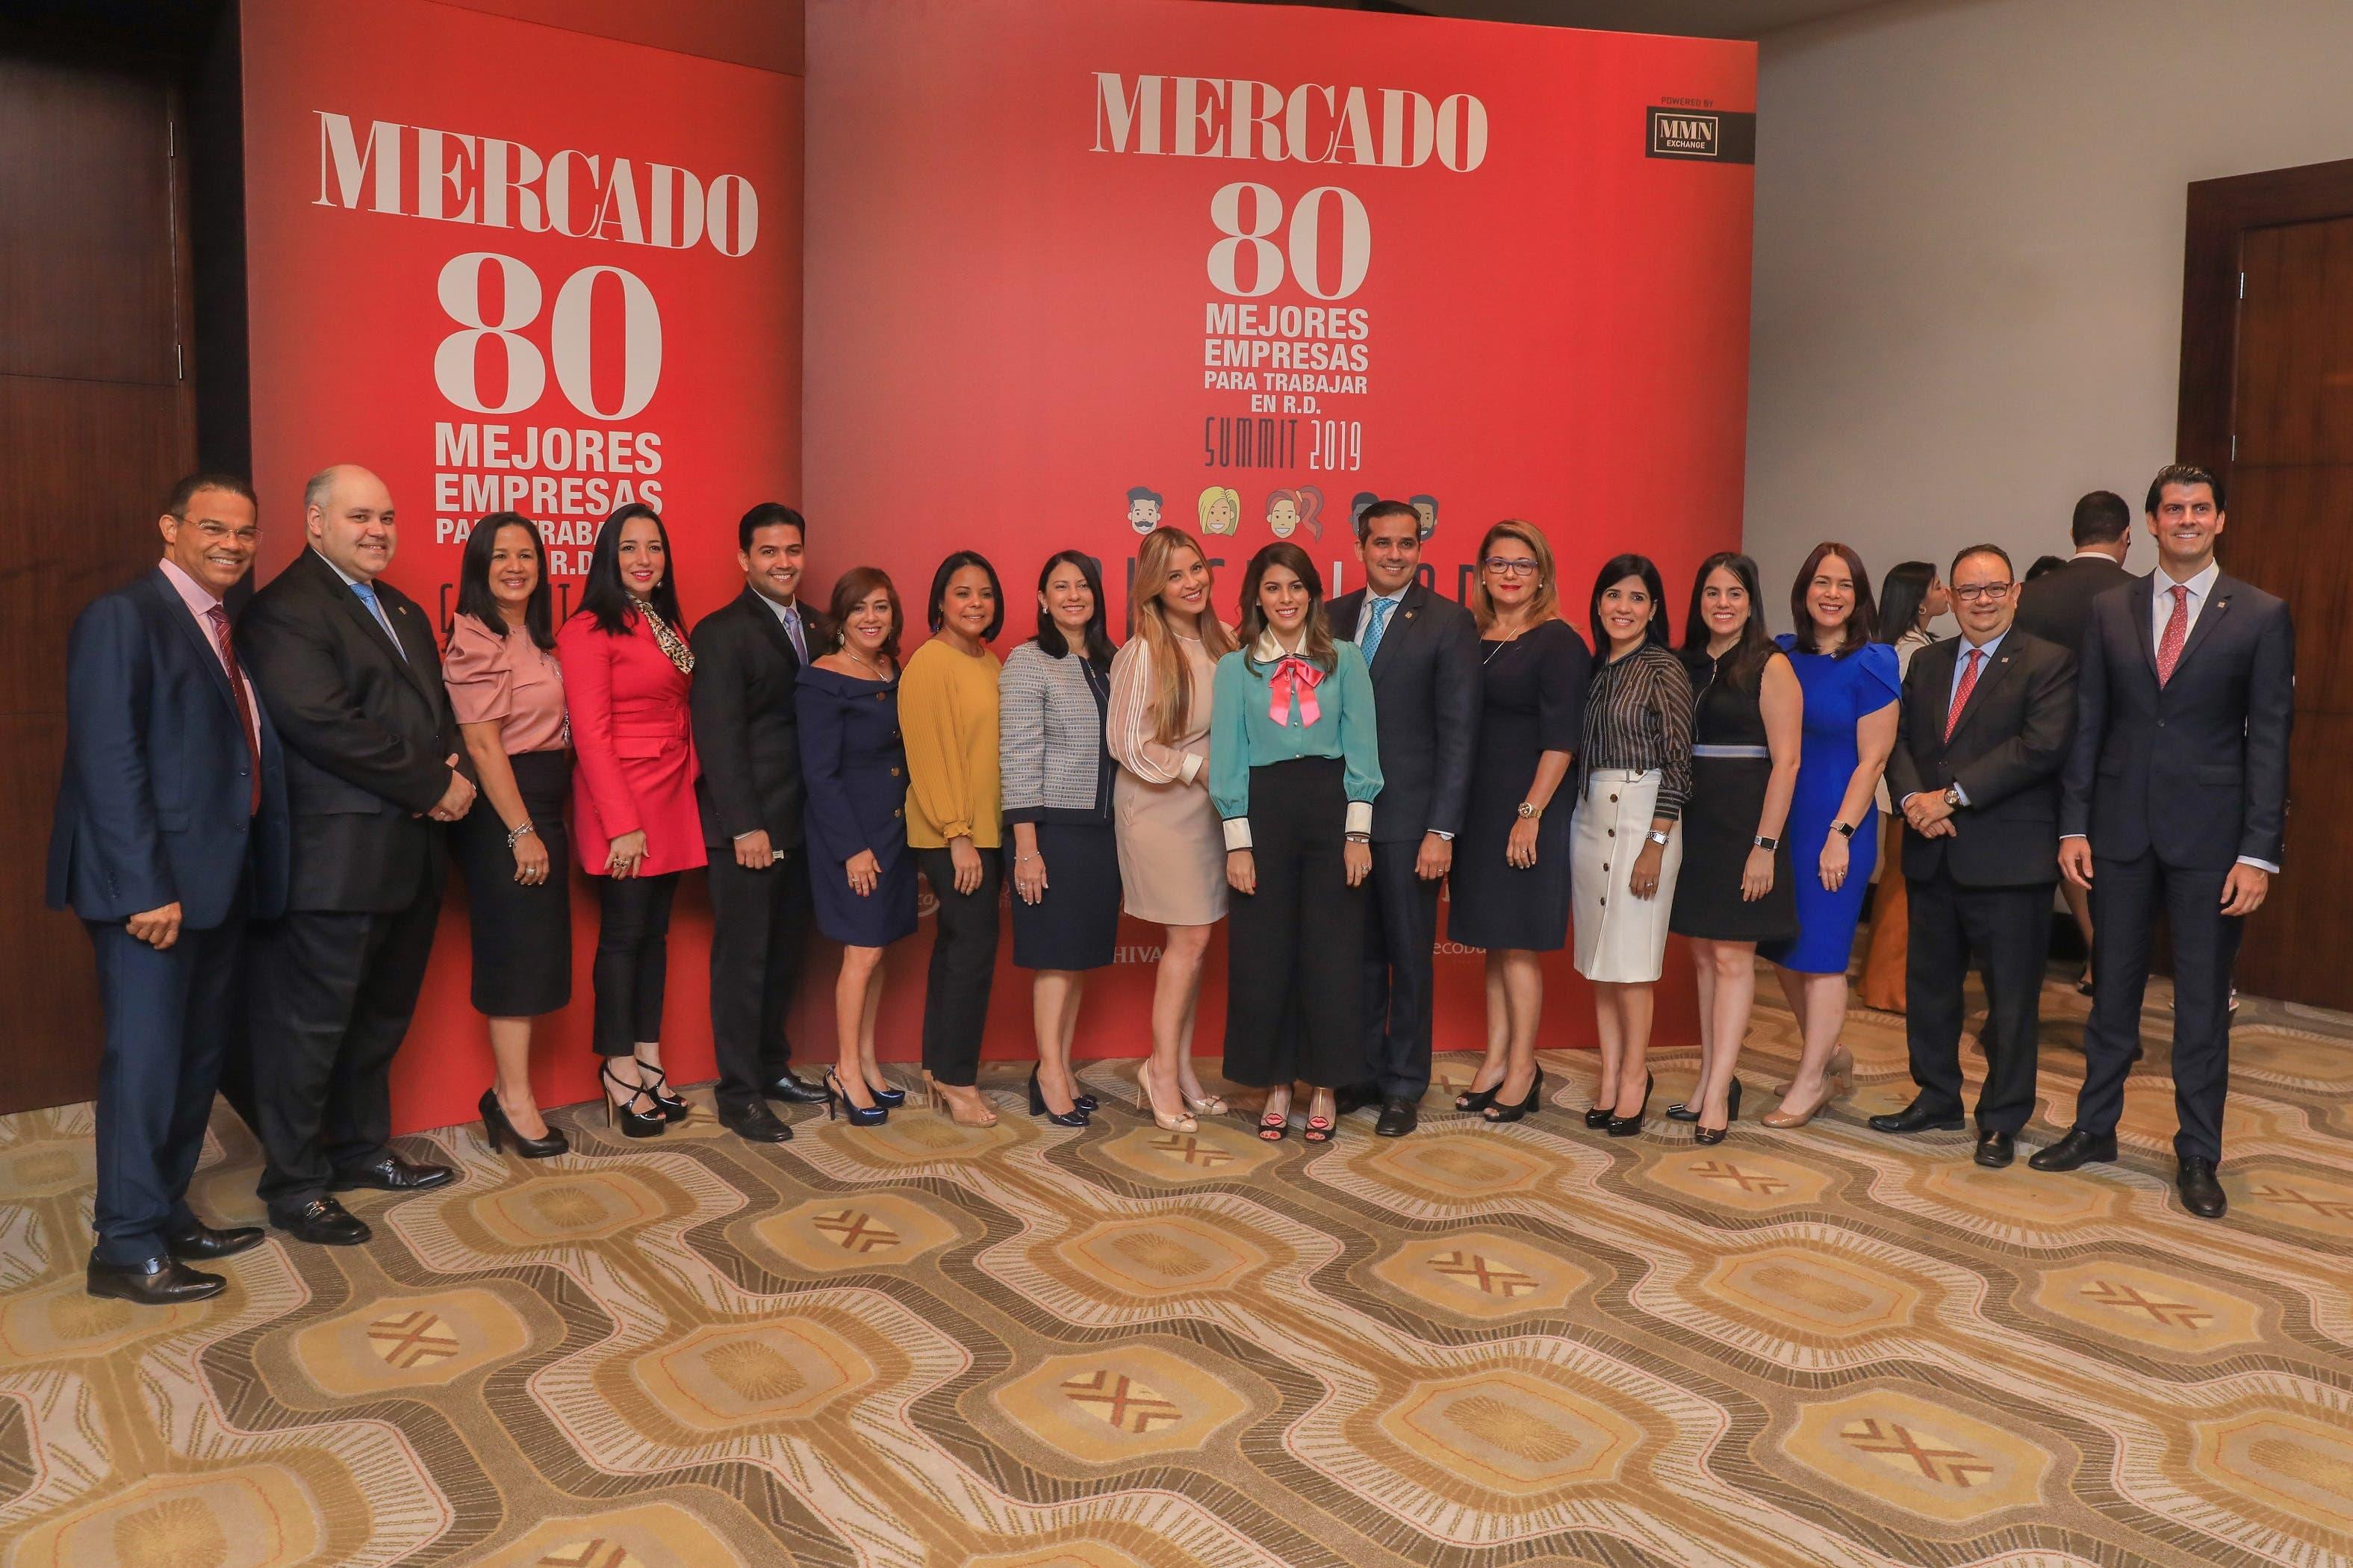 Revista Mercado destaca liderazgo del Popular en diversidad e inclusión laboral